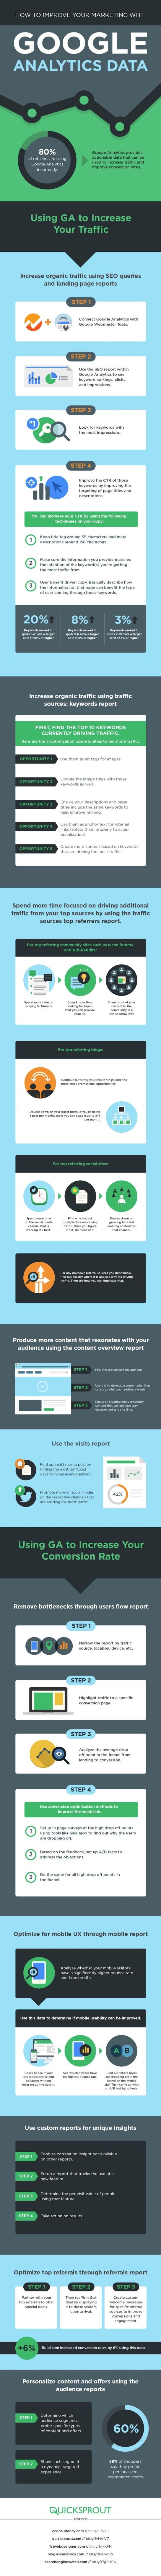 Utiliser les données de Google Analytics pour optimiser le Web marketing - AUTOVEILLE